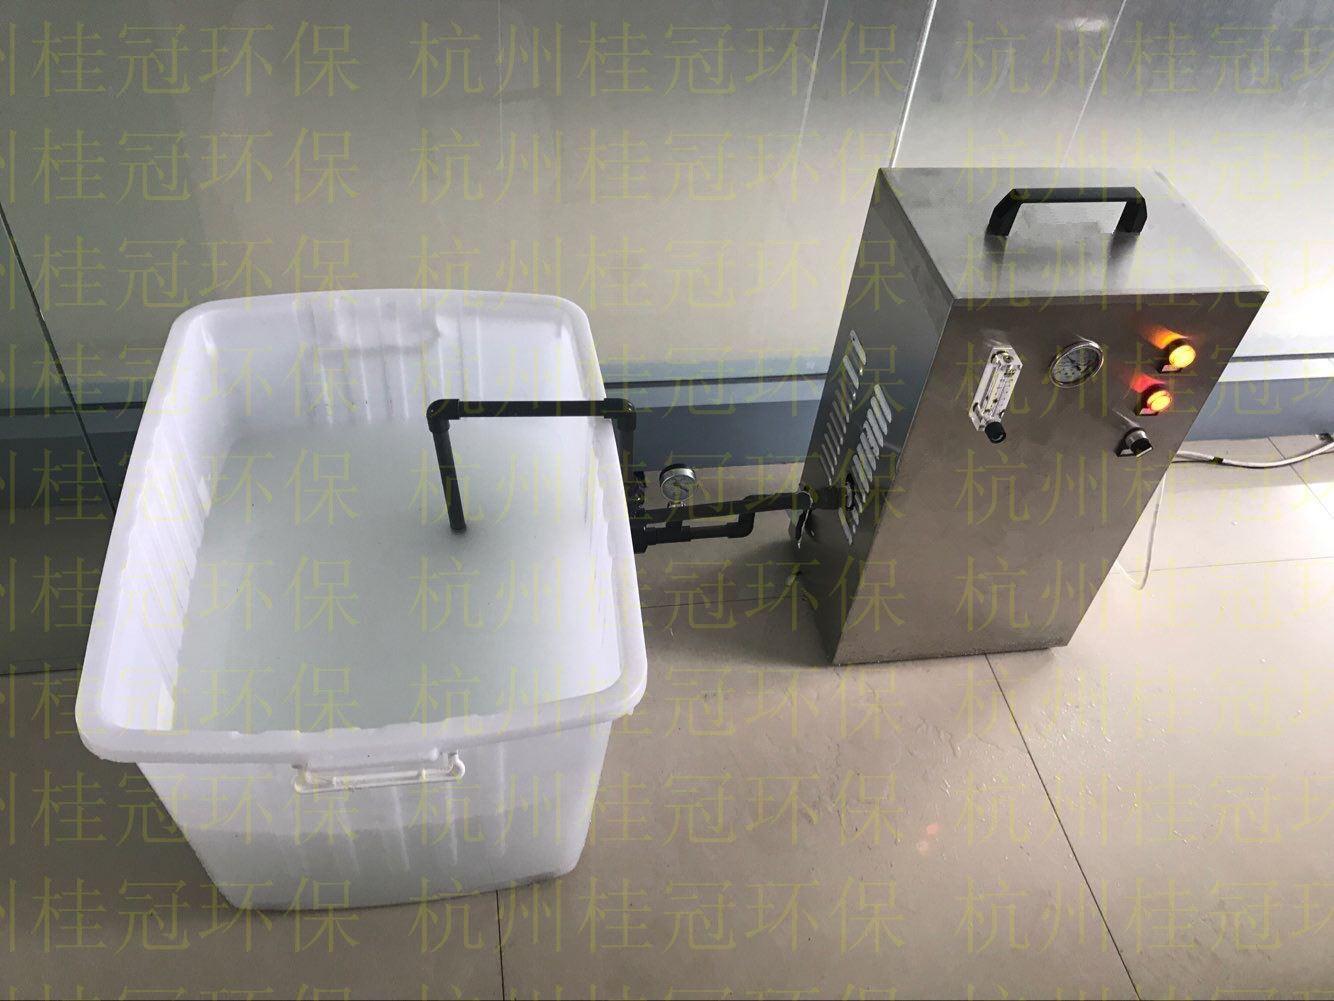 微纳米气泡牛奶浴 桑拿牛奶浴机